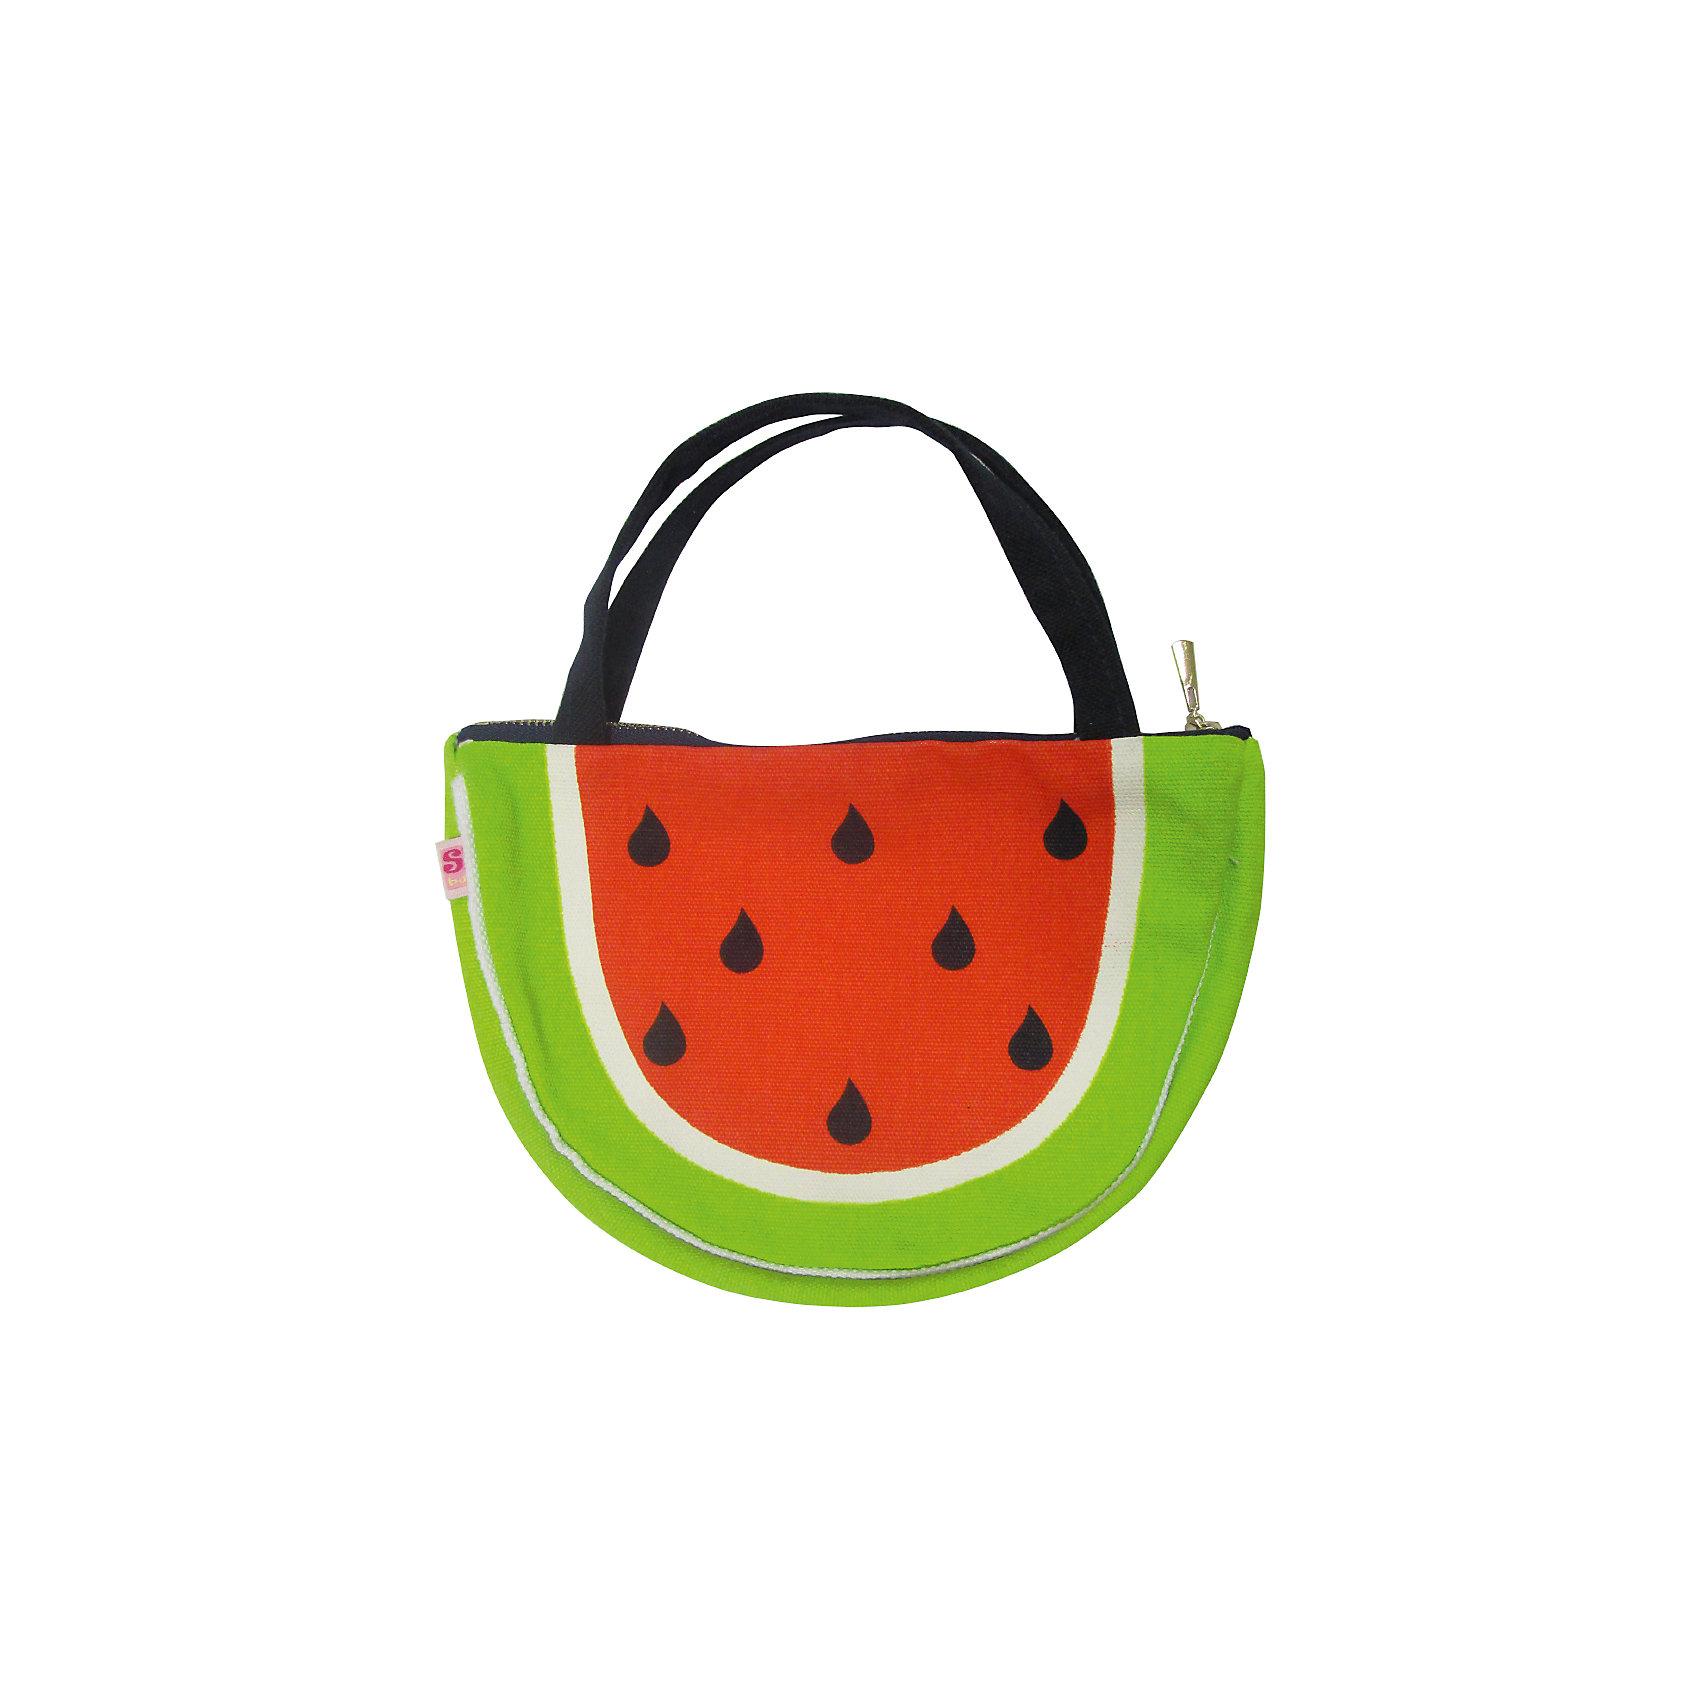 Сумка для девочки Sweet BerryАксессуары<br>Текстильная сумка на молнии для девочки декорированная ярким оригинальным принтом.<br>Состав:<br>100%хлопок,подкладка 100% полиэстер<br><br>Ширина мм: 170<br>Глубина мм: 157<br>Высота мм: 67<br>Вес г: 117<br>Цвет: зеленый<br>Возраст от месяцев: 24<br>Возраст до месяцев: 144<br>Пол: Женский<br>Возраст: Детский<br>Размер: one size<br>SKU: 5411406